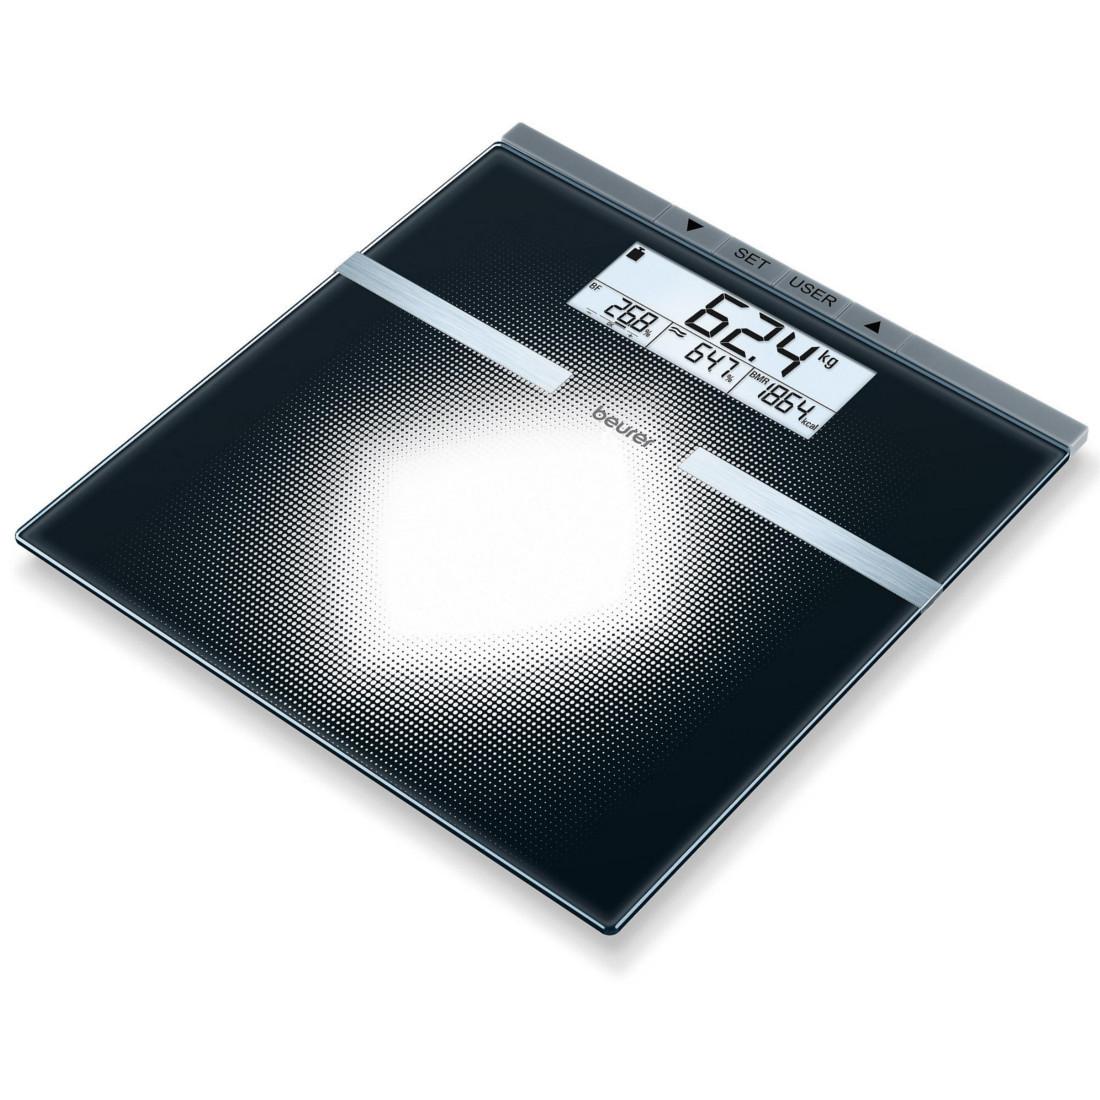 Beurer BG 21 - стеклянные диагностические весы для ванной комнаты - 5-летняя гарантия